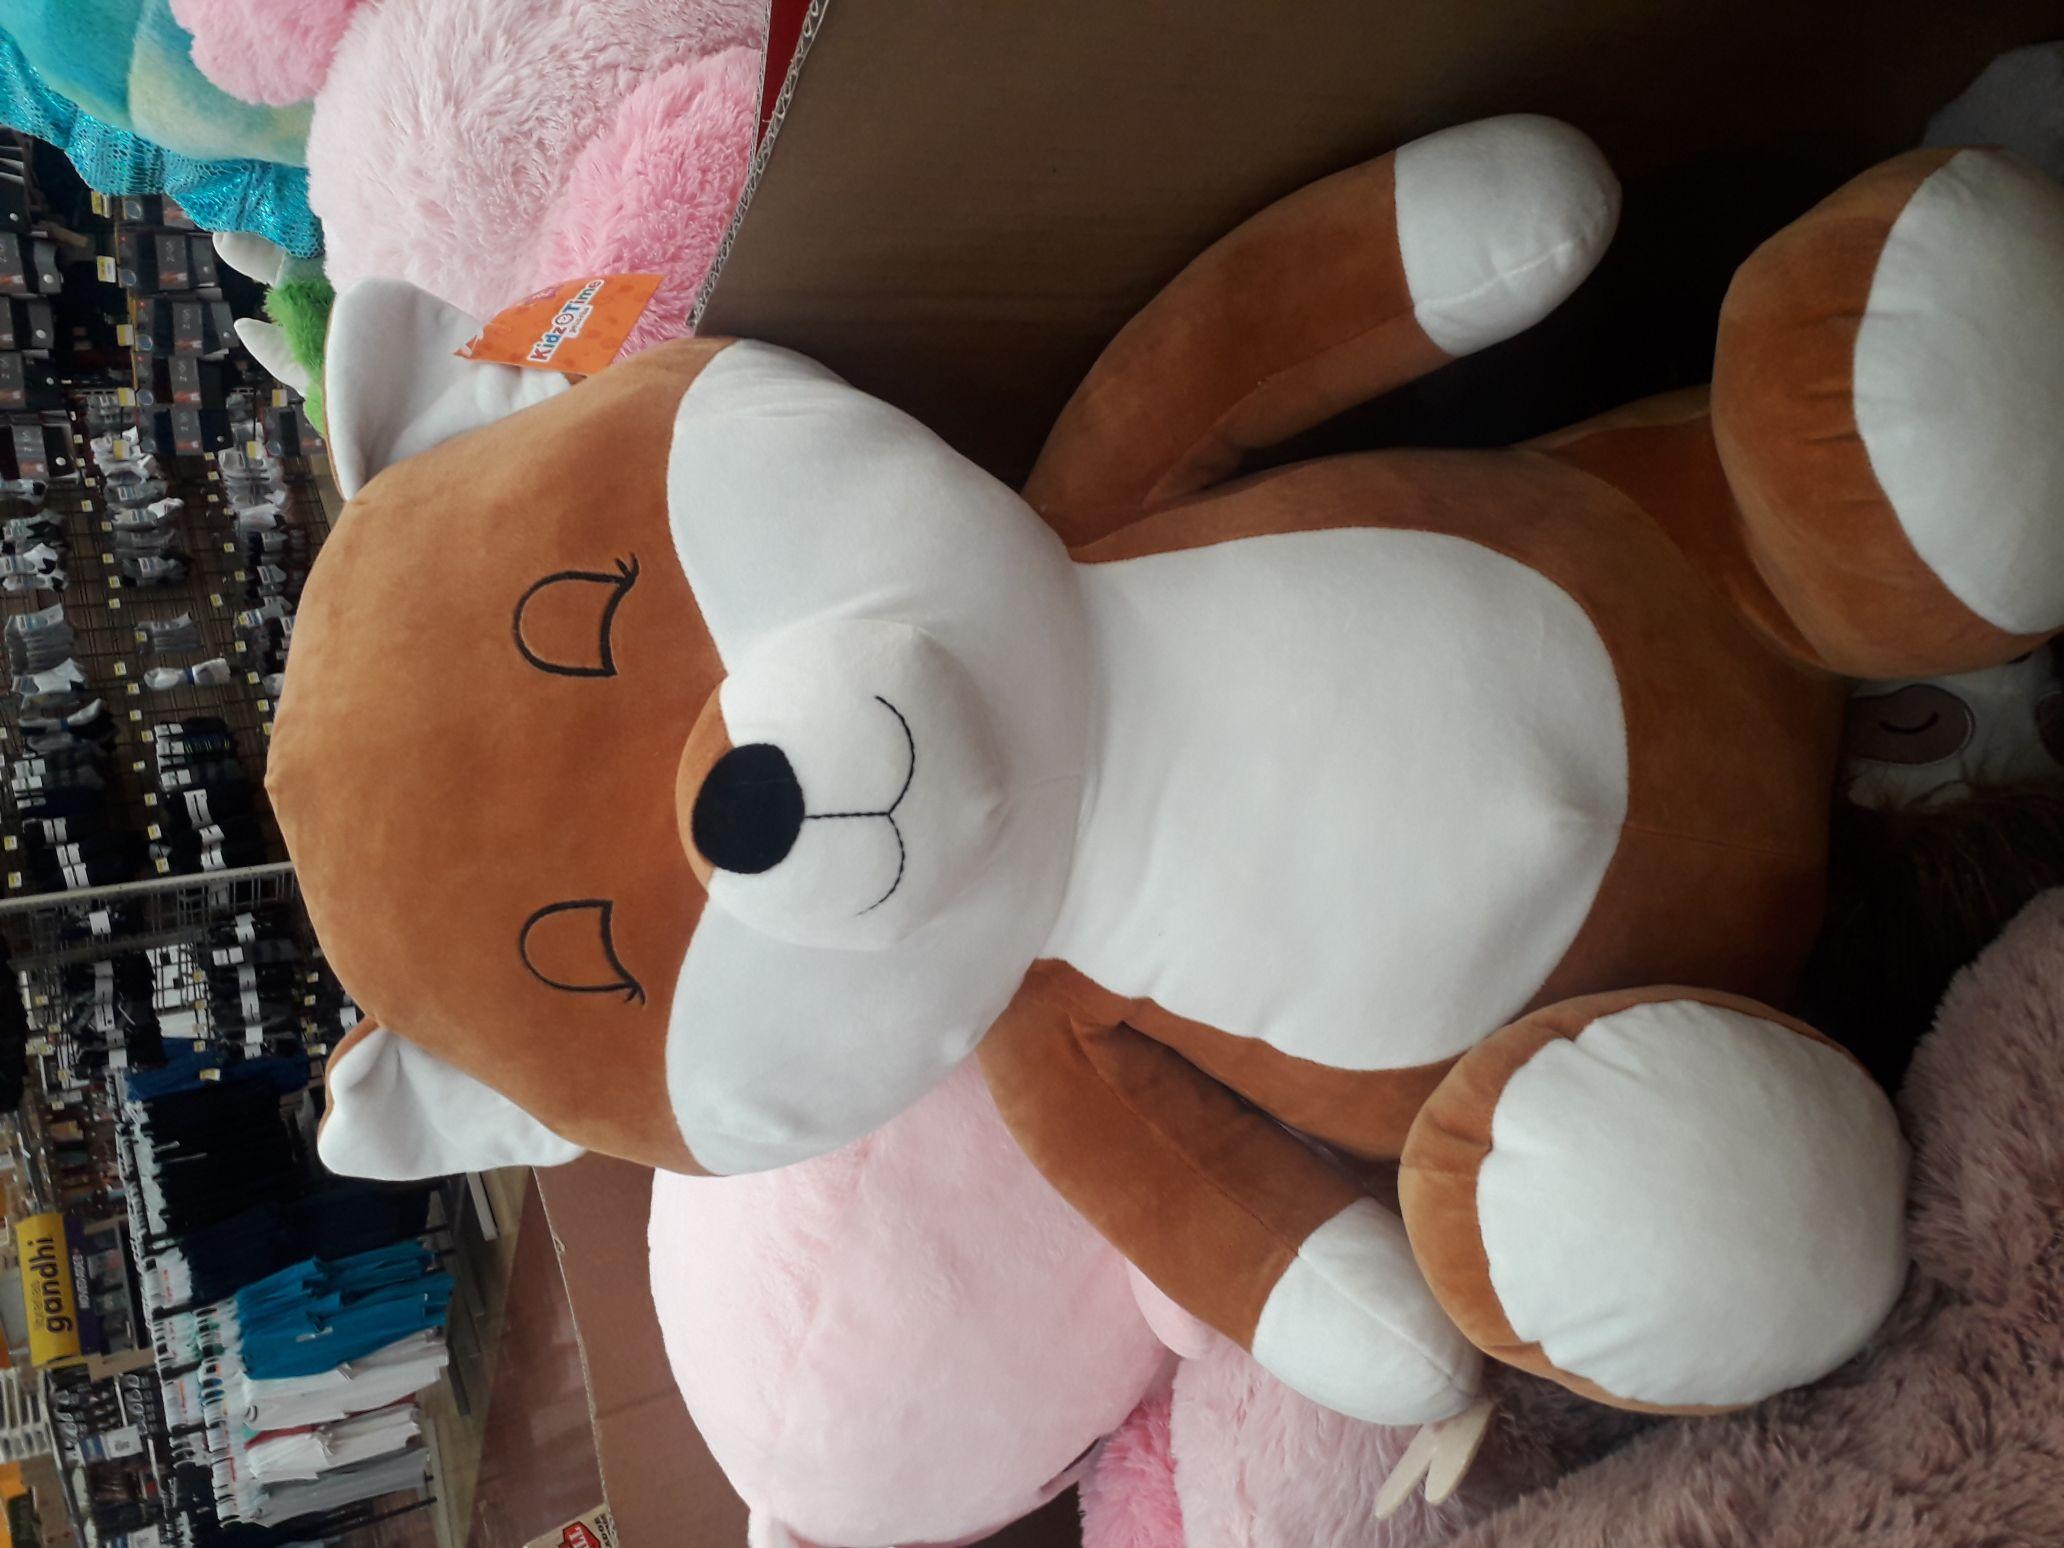 Walmart: Perro beige 1M (para los que no alcanzaron a regalarle algo a su novia, amante o quedante)